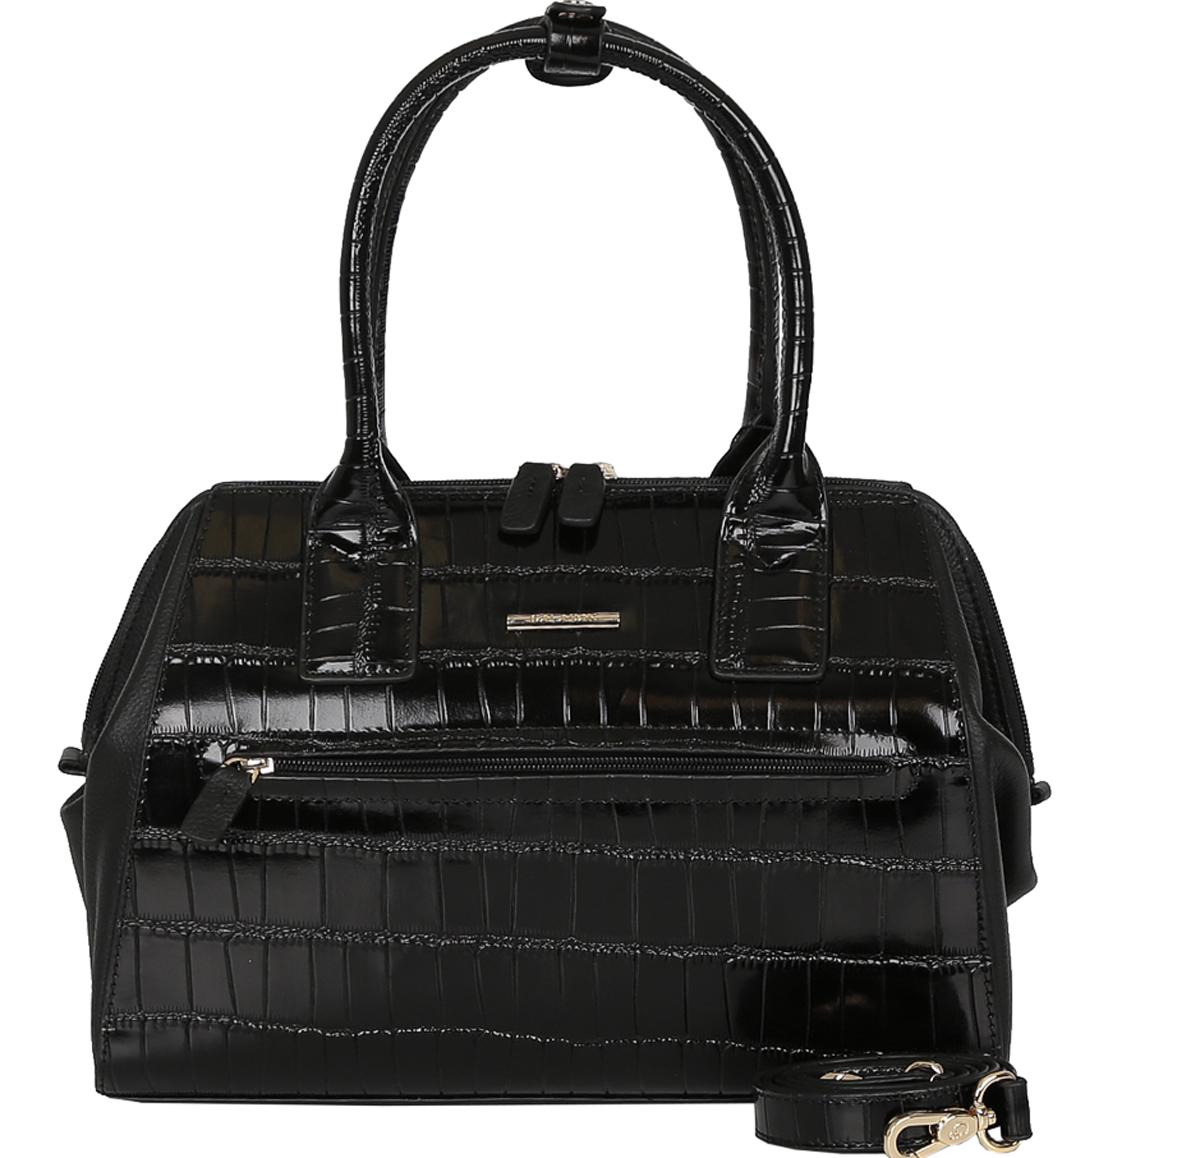 Сумка женская Galaday, цвет: черный. GD5731GD5731-blackЖенская сумка GALADAY из натуральной кожи. Внутри: одно отделение, на боковых стенках расположены два кармана на молнии и два кармана для мелочей. Сумка носится в руке, в комплектацию входит наплечный ремень Сумка закрывается на пластиковую молнию. Размеры не вмещают формат А4. Кожа плотная, форму держит. Аксессуар декорирован вставкой из кожи с тиснением под кожу рептилии. Фурнитура блестящее золото.. На дне сумки расположены металлические ножки, защищающие ее от механических повреждений.